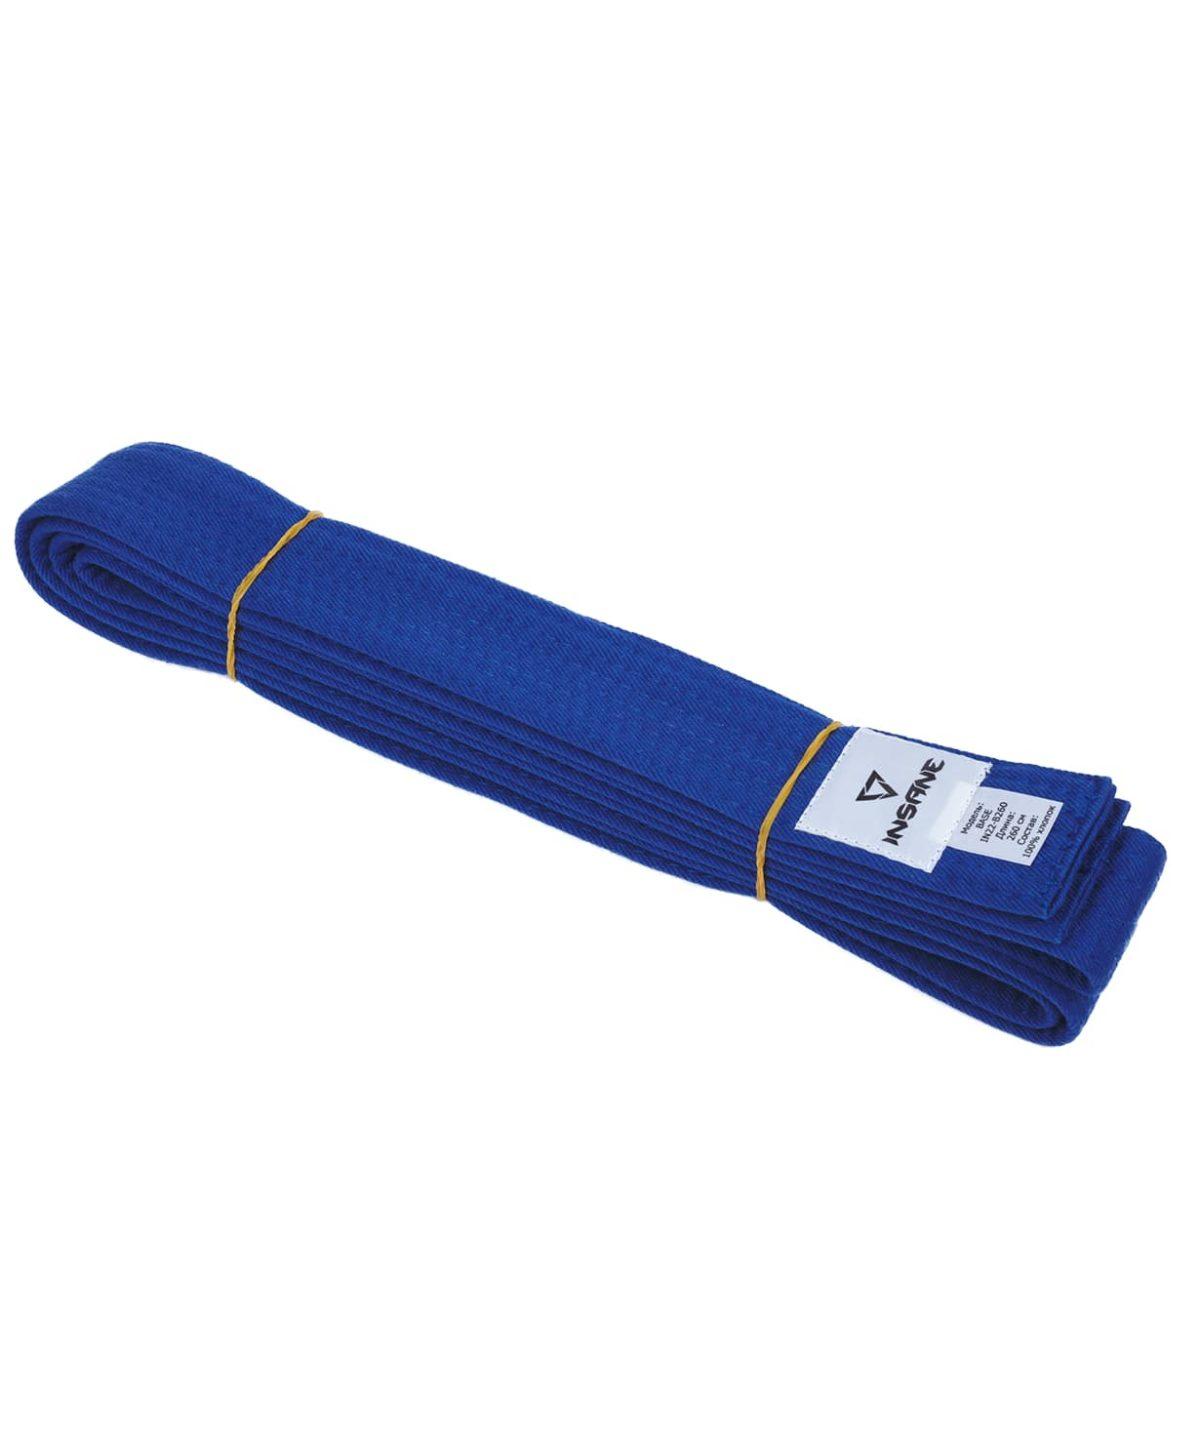 INSANE Пояс для единобоств BASE х/б, 260 см  IN22-B260: синий - 1